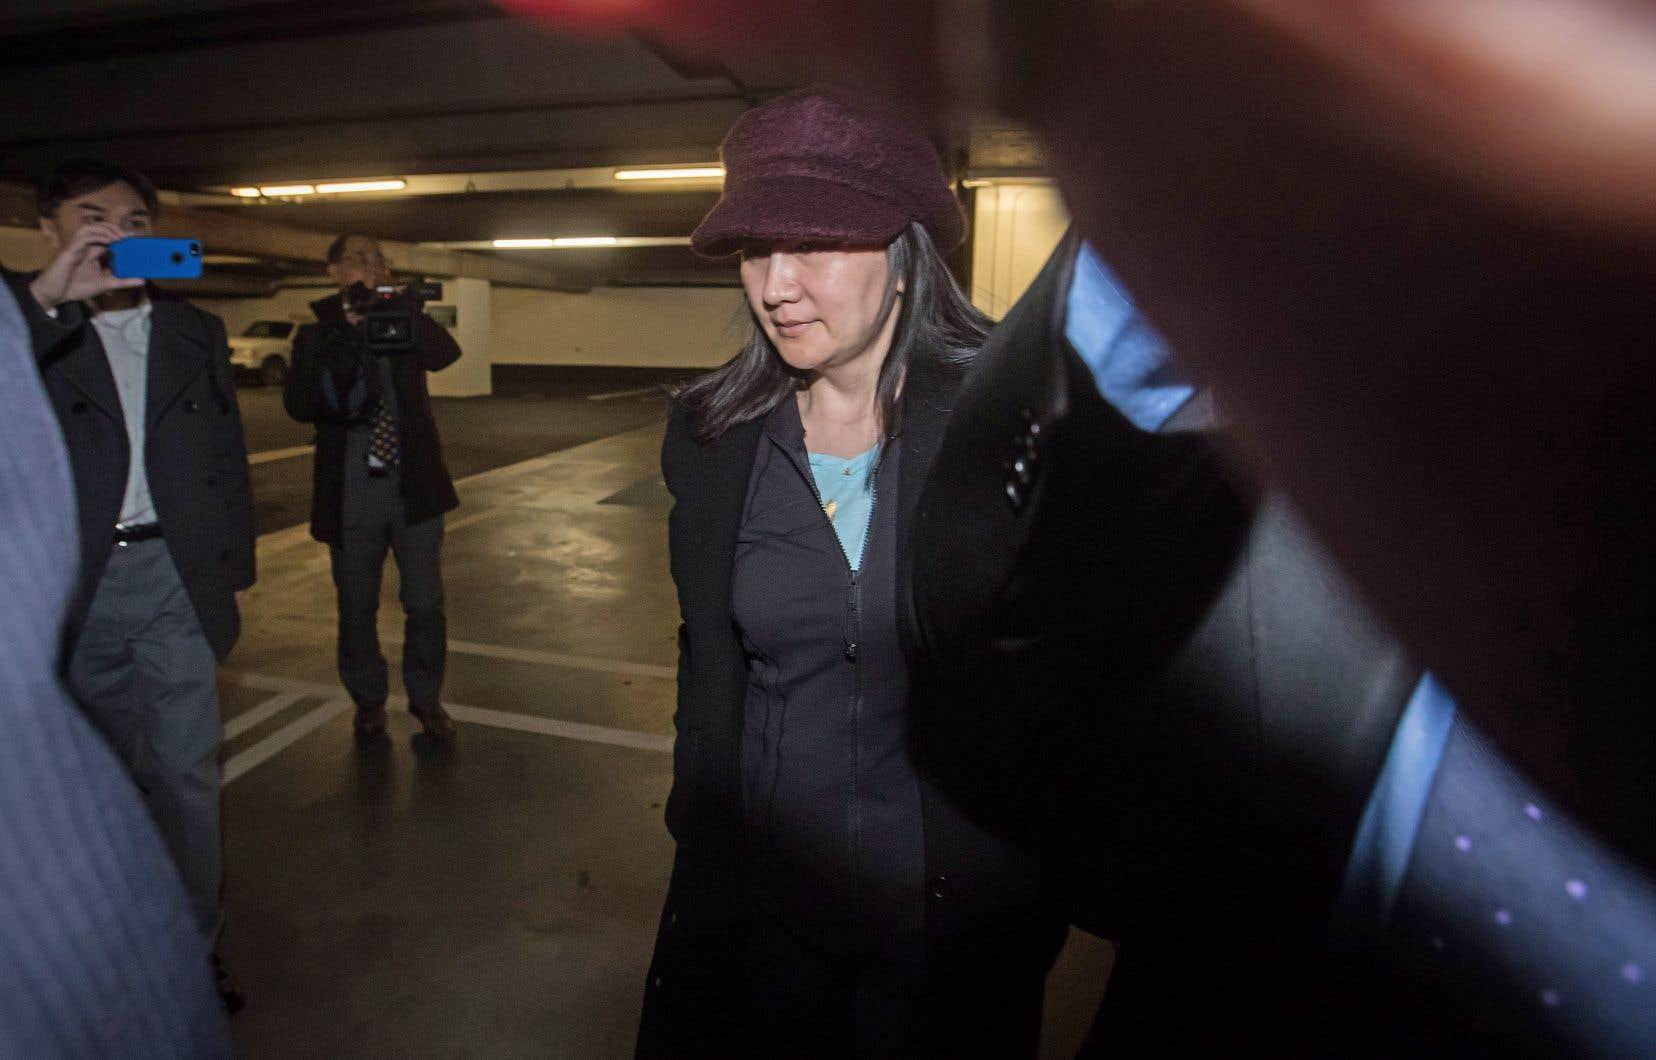 La directrice financière de Huawei, qui est aussi la fille du fondateur de l'entreprise, est accusée aux États-Unis de fraude bancaire et de virement électronique frauduleux, ainsi que de deux chefs de complot en vue de commettre ces crimes.